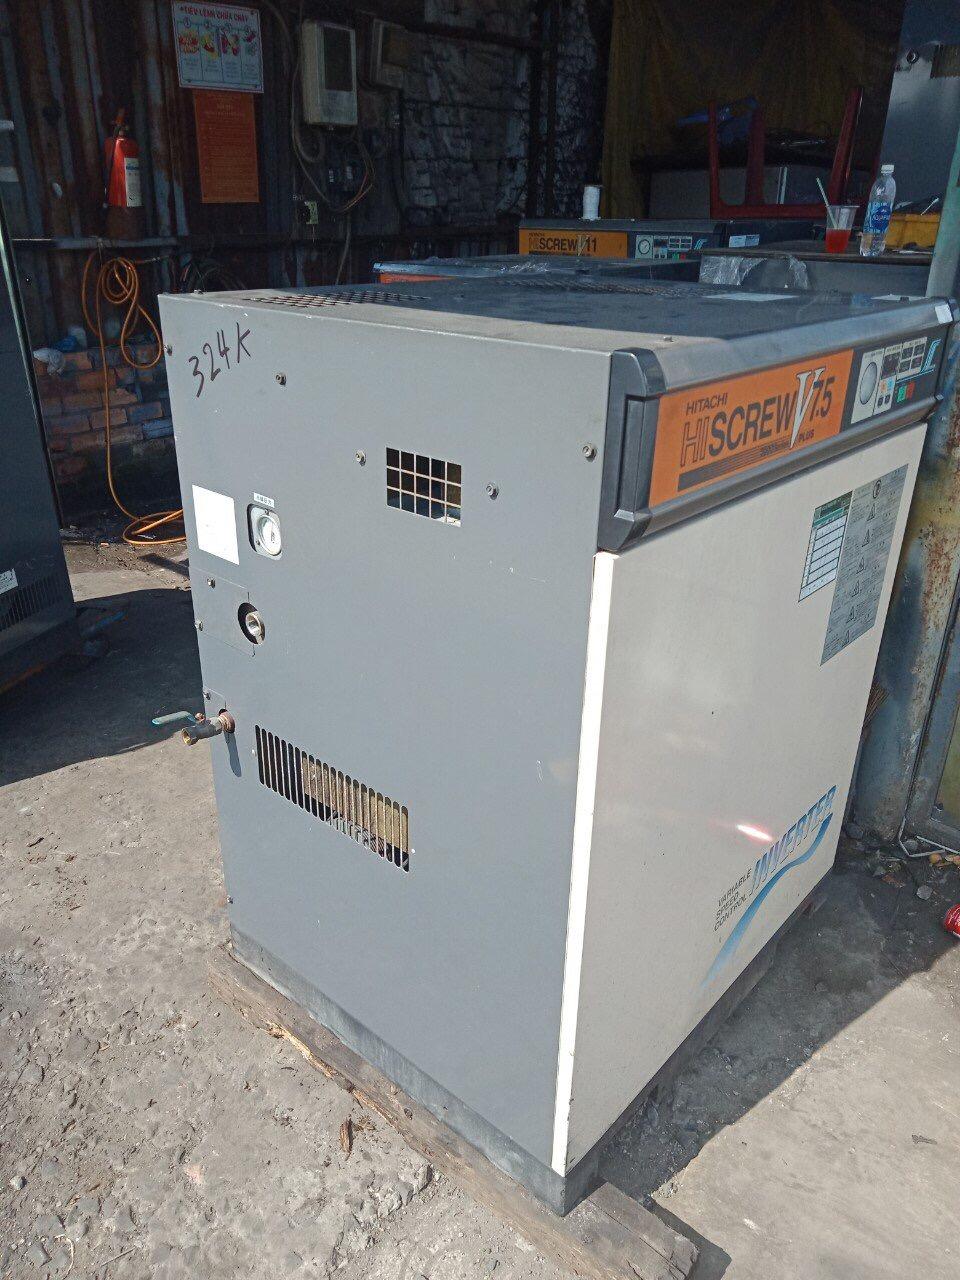 E682C992-BE51-4E27-BD7C-A611E8AEC106